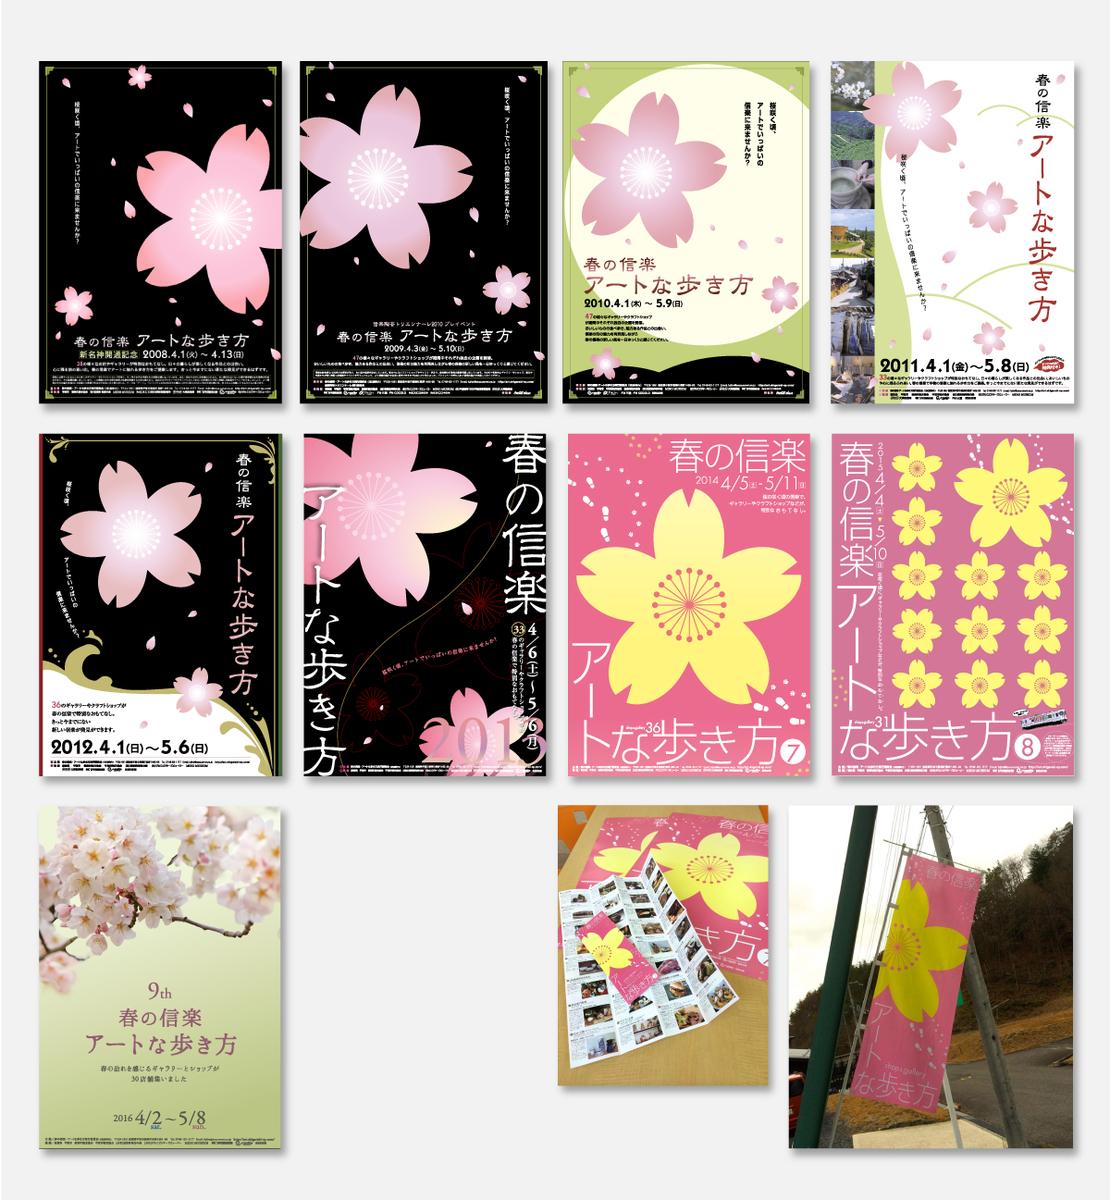 春の信楽アートな歩き方 イベント関連ポスター・のぼりなど